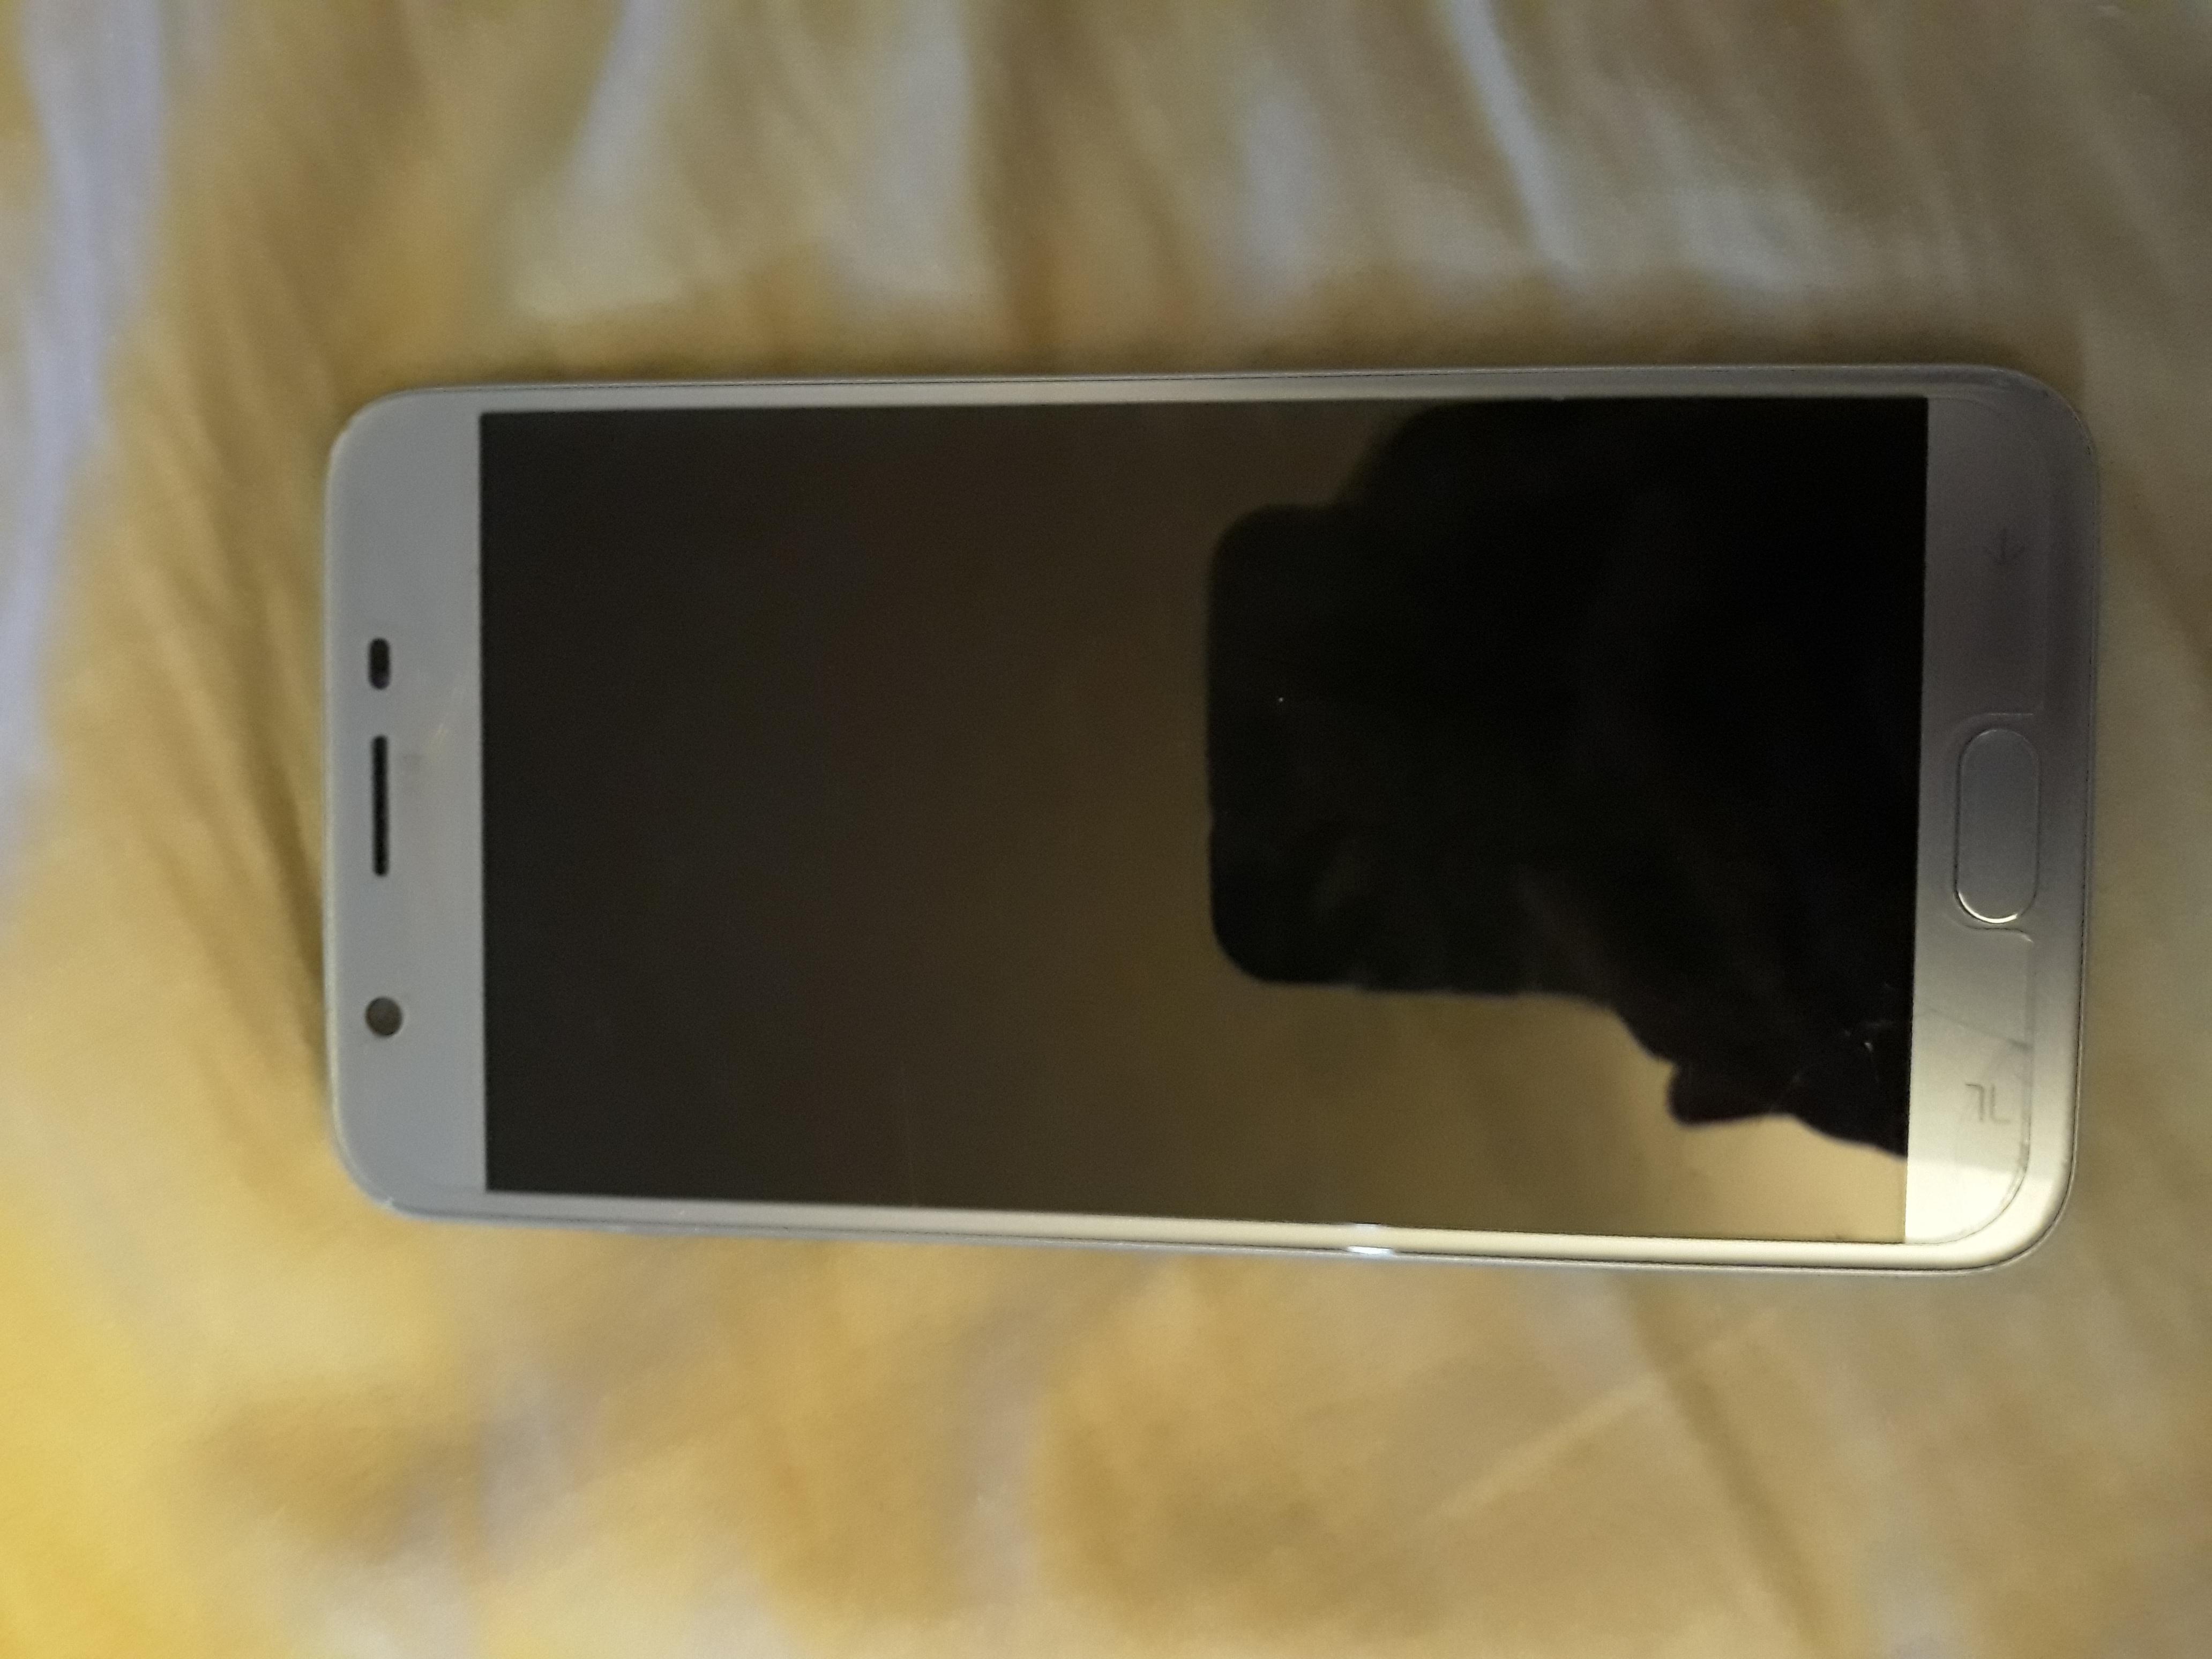 File:Samsung Galaxy J7 Star jpg - Wikipedia